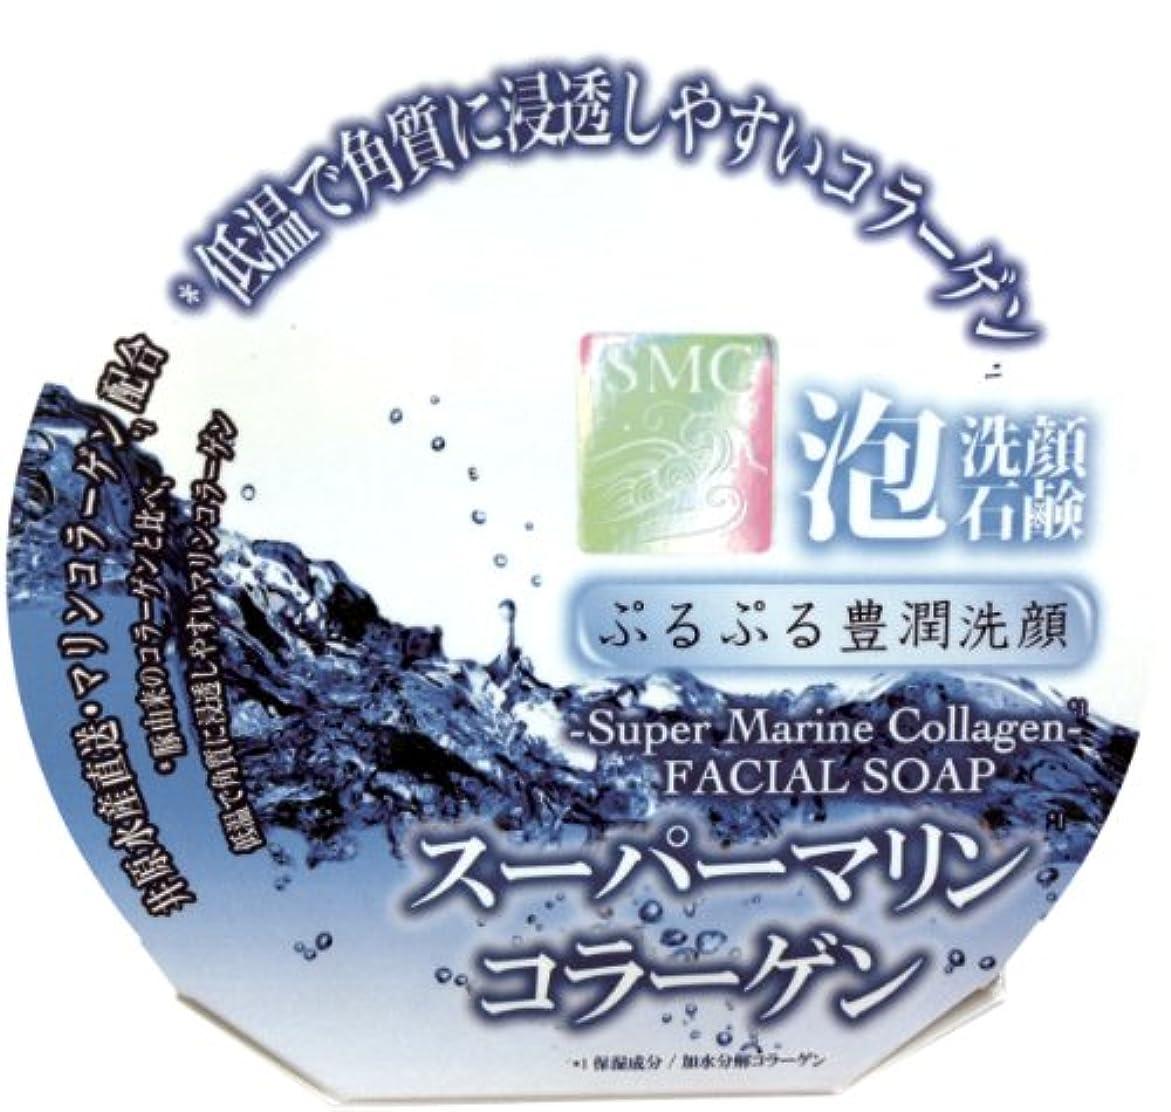 工場コーラス気質ペリカン石鹸 スーパーマリンコラーゲン 100g